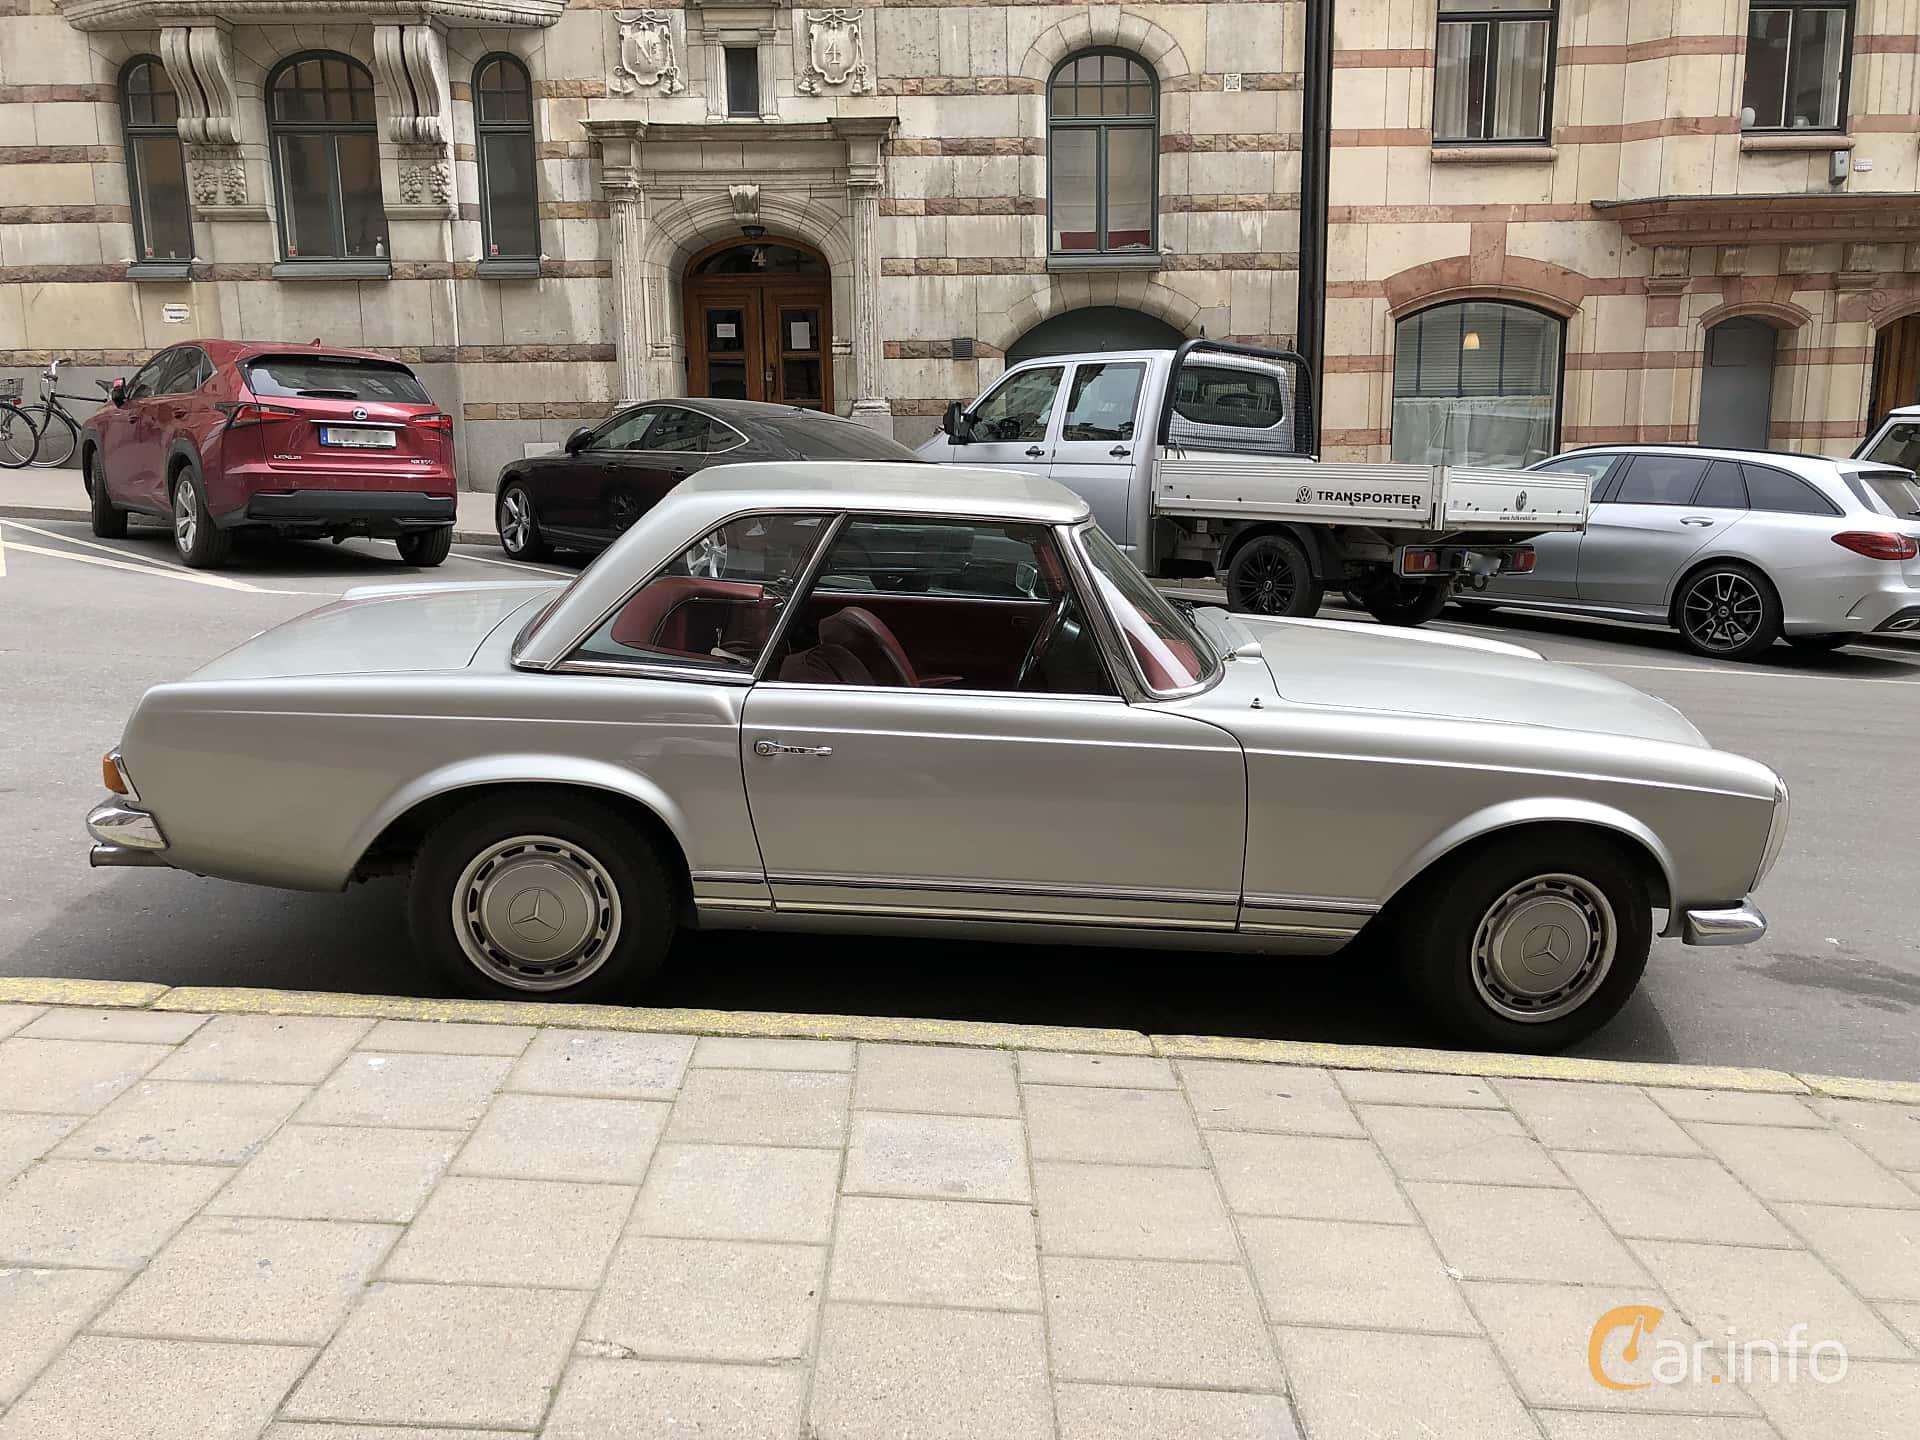 Mercedes-Benz 280 SL  Automatic, 170hp, 1969